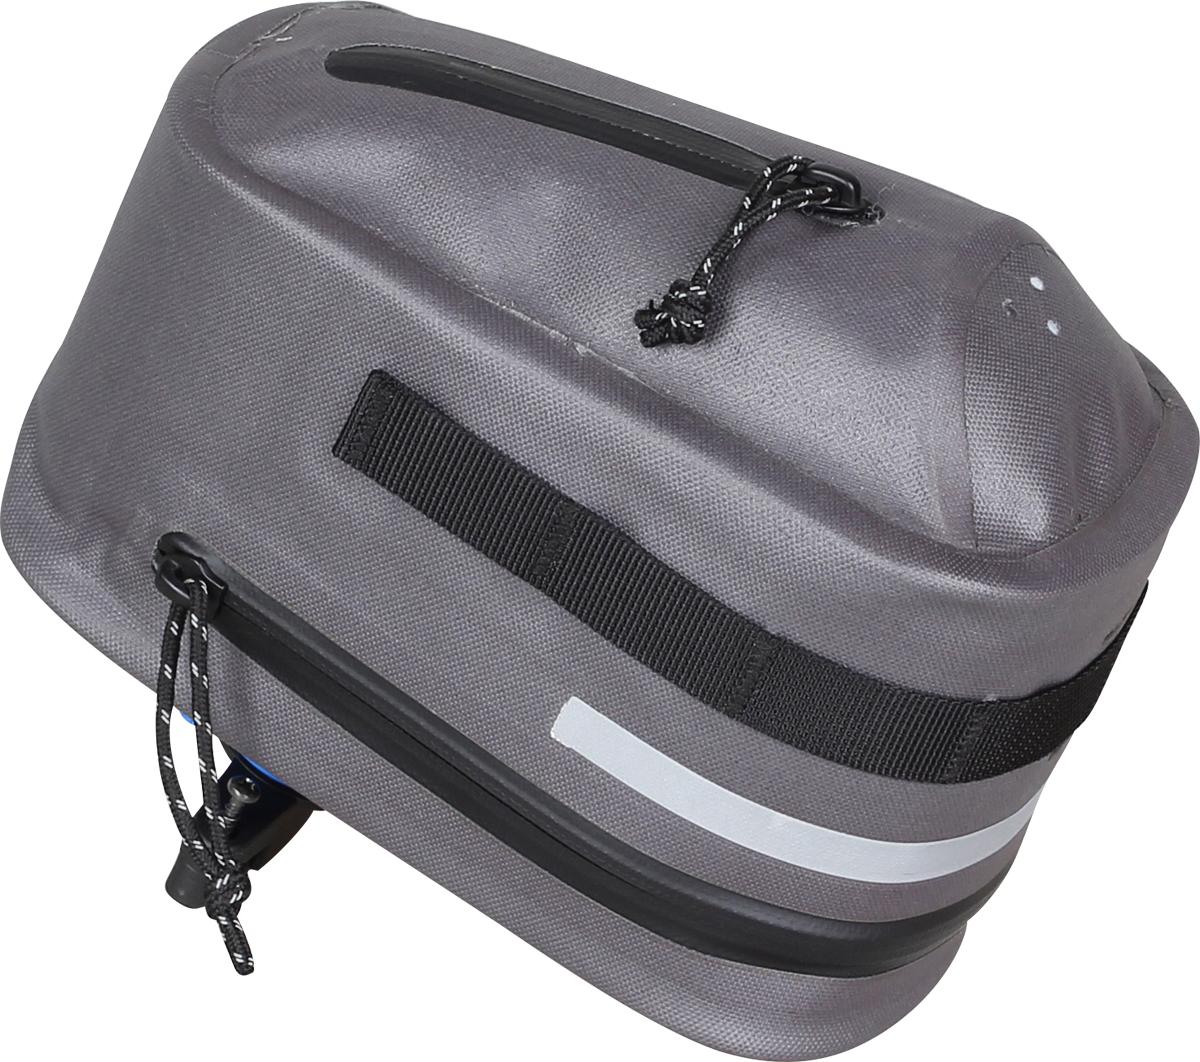 Велосумка подседельная Сплав  Saddle, цвет: серый. 50608405060840Съёмная подседельная сумка Сплав Saddle выполнена из нейлона. Основнойобъем и нижний карман закрываются влагозащитной молнией. Все швыгерметичны. Механизм KLICKfix позволяет отсоединять и присоединять сумкуодним щелчком. Жёсткая вставка из вспененного материала в основномобъёме. На боковой и задней поверхности светоотражающий элемент. Ячейкииз стропы для навески дополнительных подсумков. Нижний карман имеетдренажные отверстия. Подобная сумка незаменима для велосипедов с низкой рамой, на которыхневозможно установить подрамную сумку.